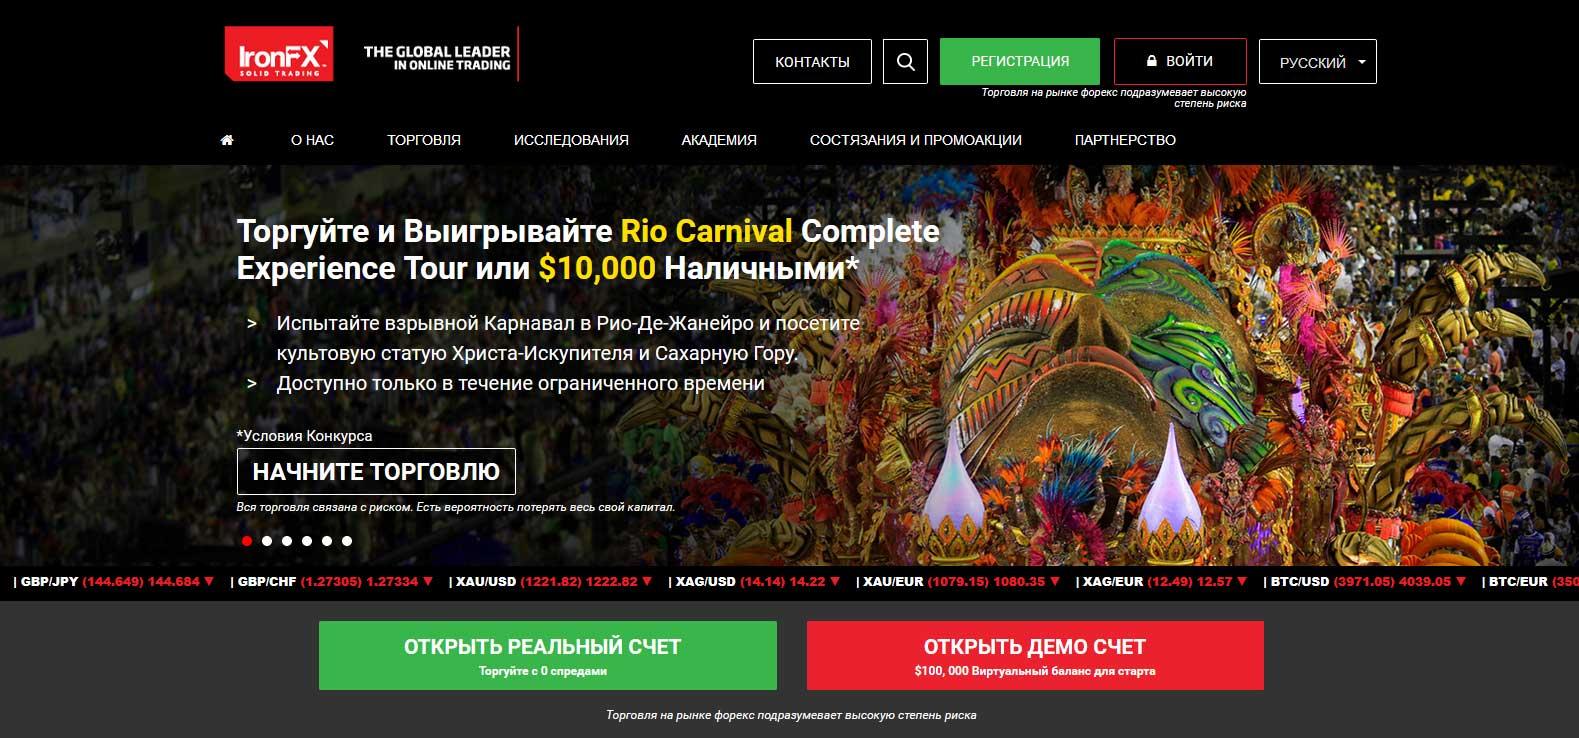 ironfx официальный сайт